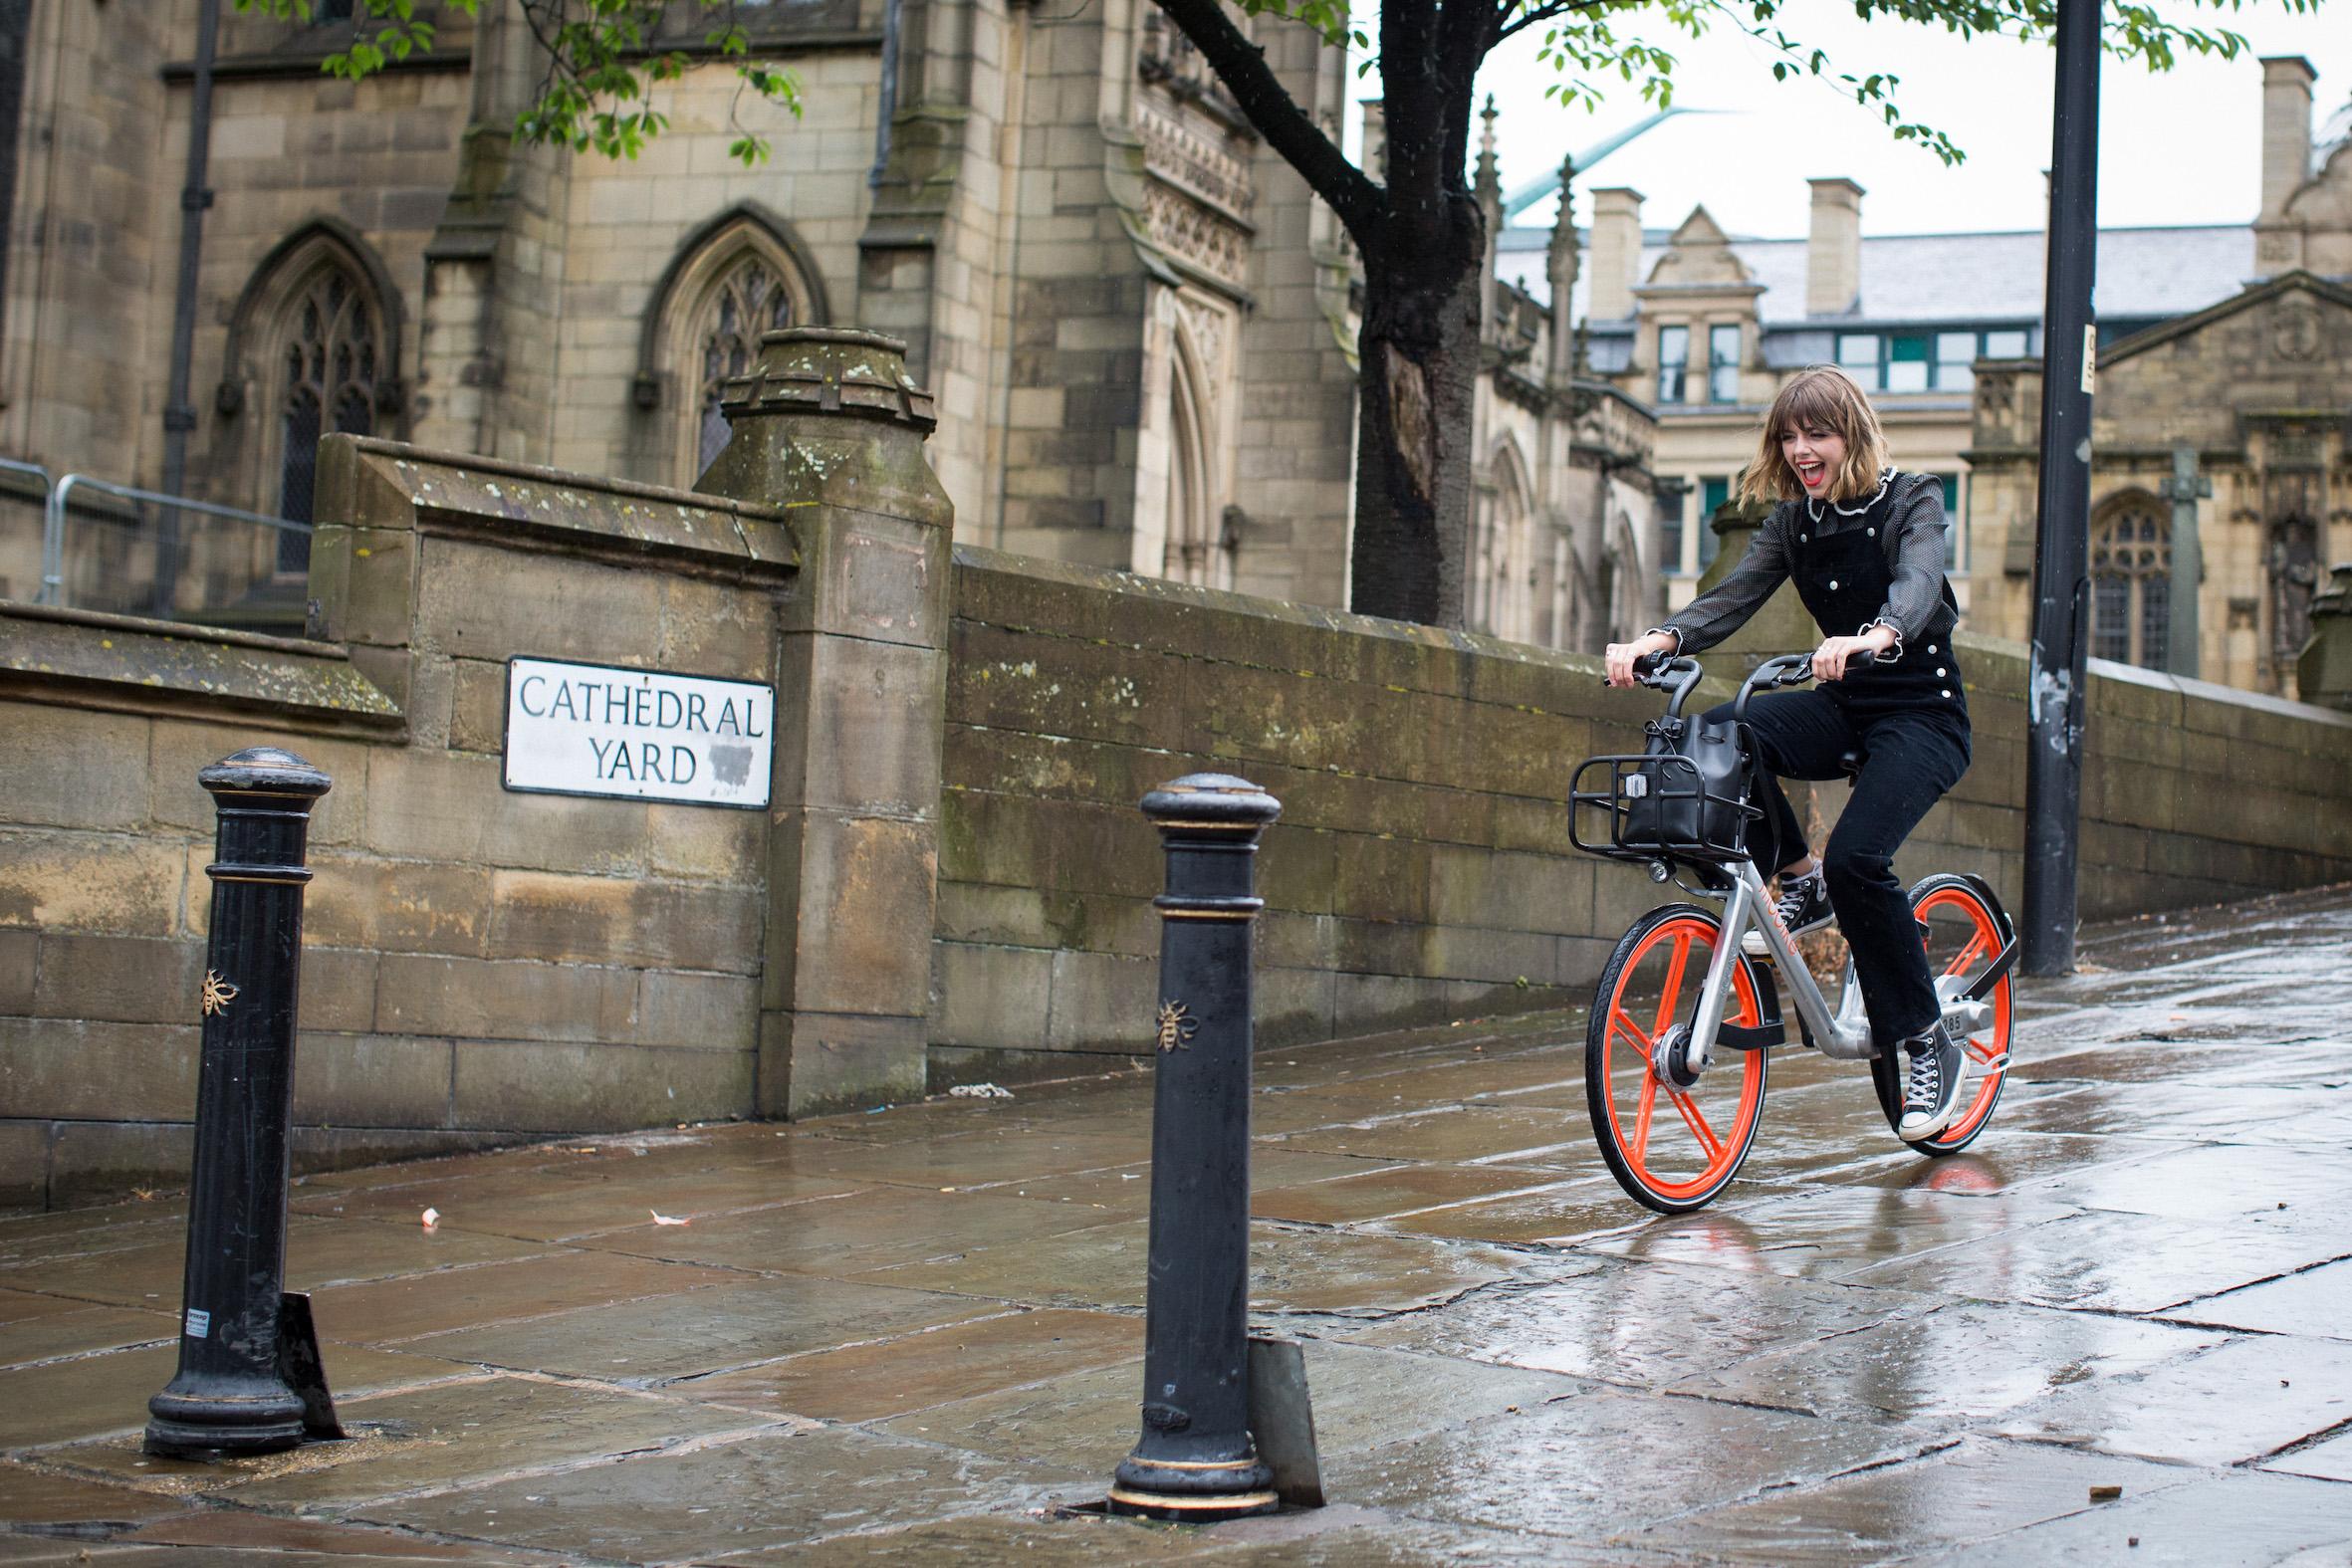 Co to za srebrno-pomarańczowe rowery, czyli Mobike w Manchesterze.